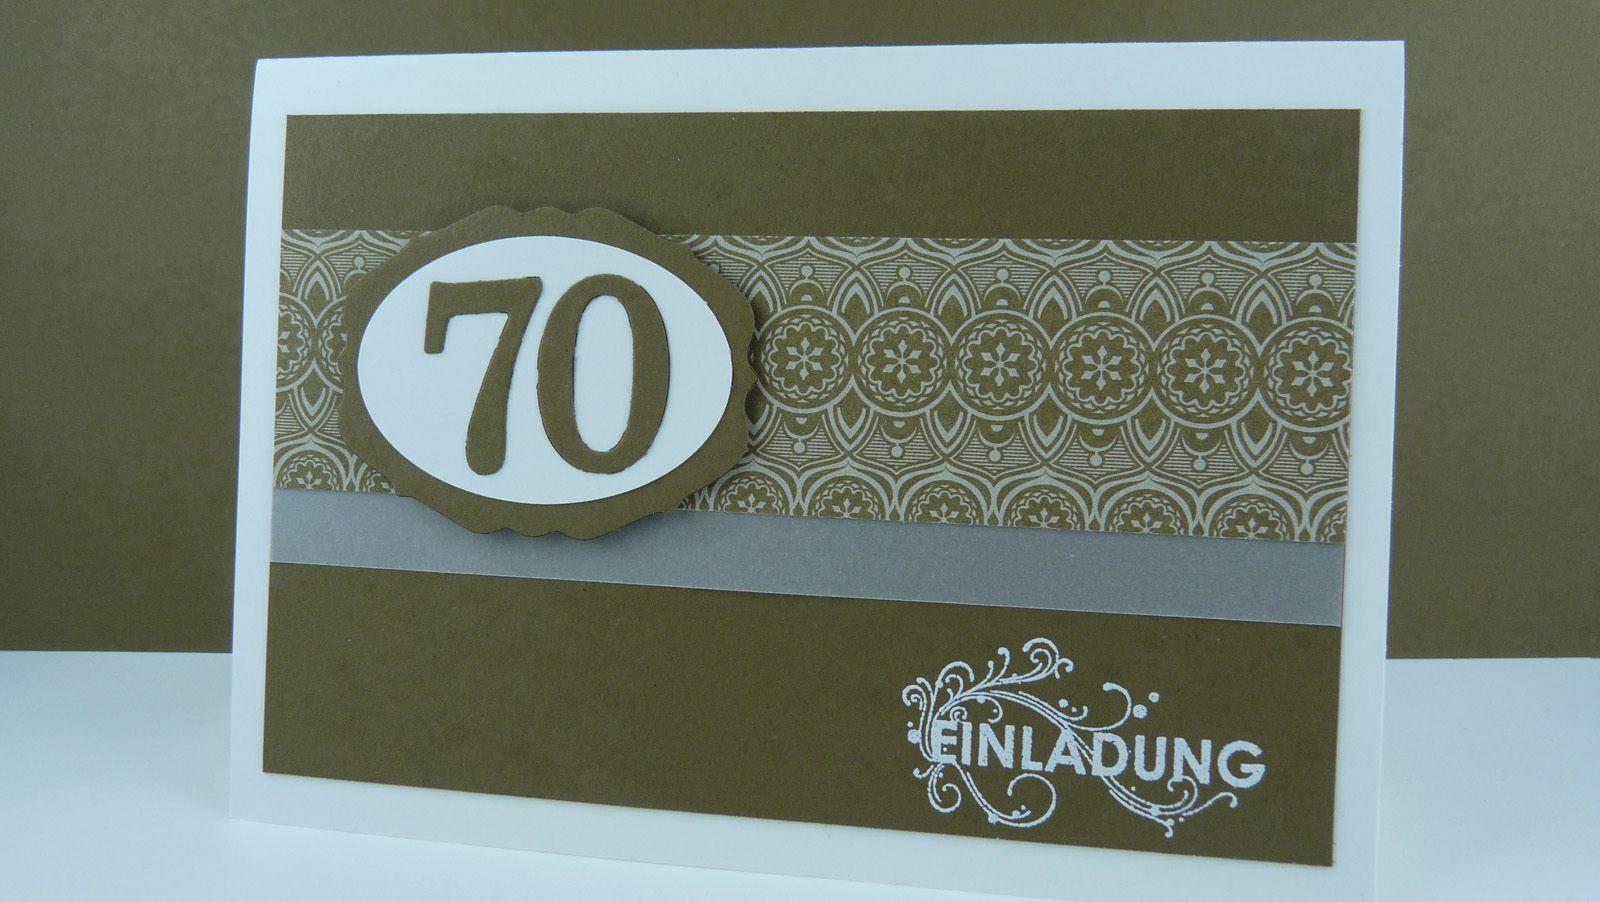 Jetzt, Während Der Anordnung 70. Geburtstagsfeiern, Müssen Sie Einige  Frische 70. Geburtstag Ideen, So Dass Ihr Opa Kann Heute Für Den Rest  Seiner Tage